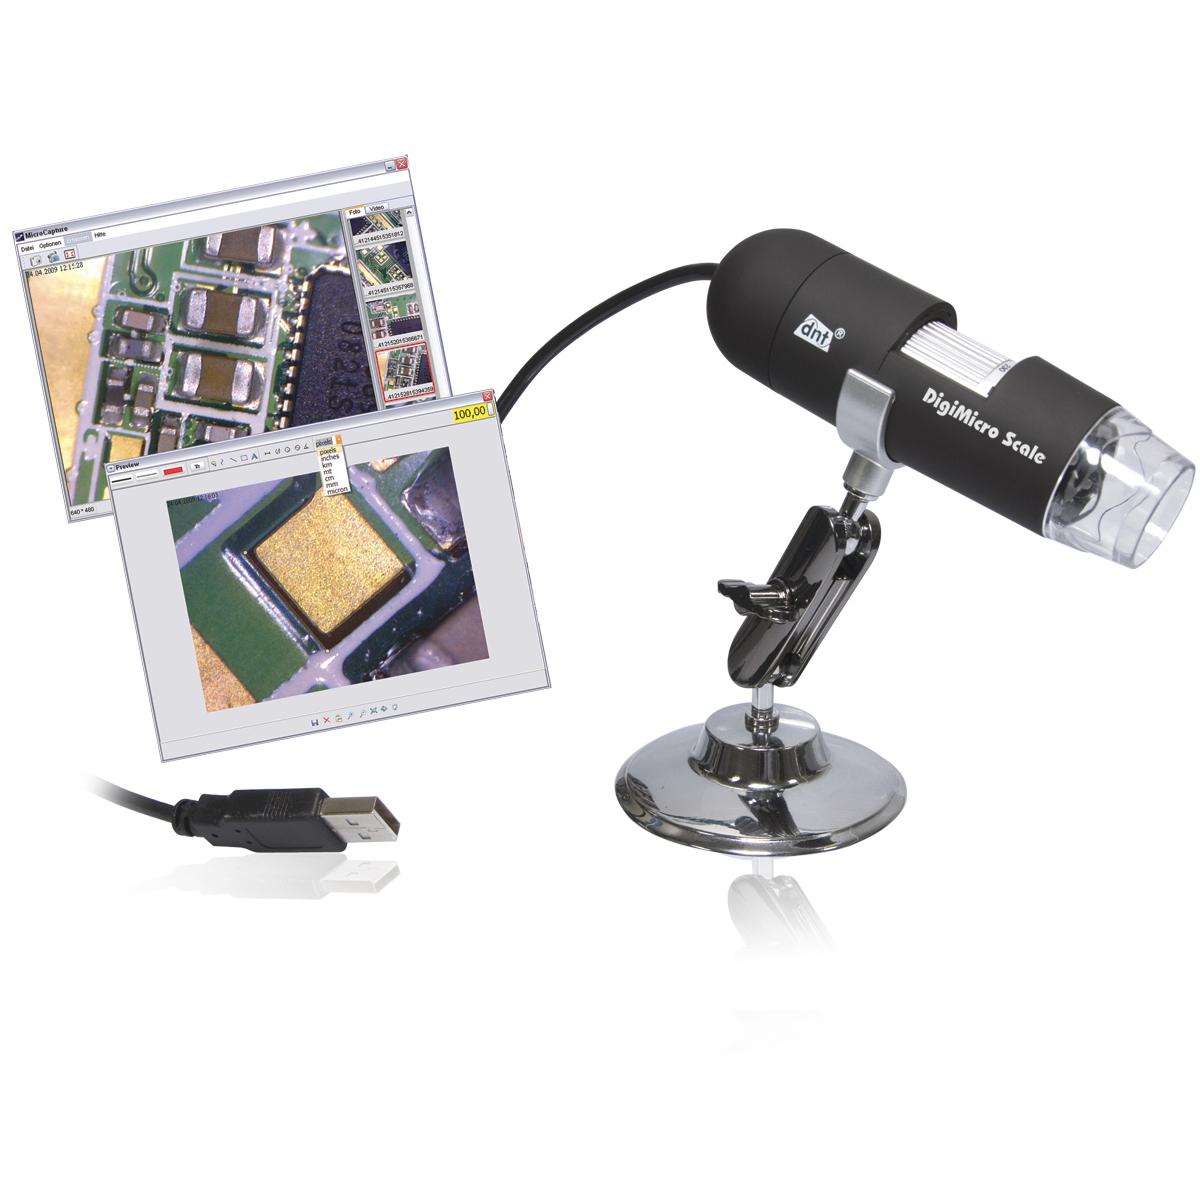 Ψηφιακό Μηκροσκόπιο Dnt